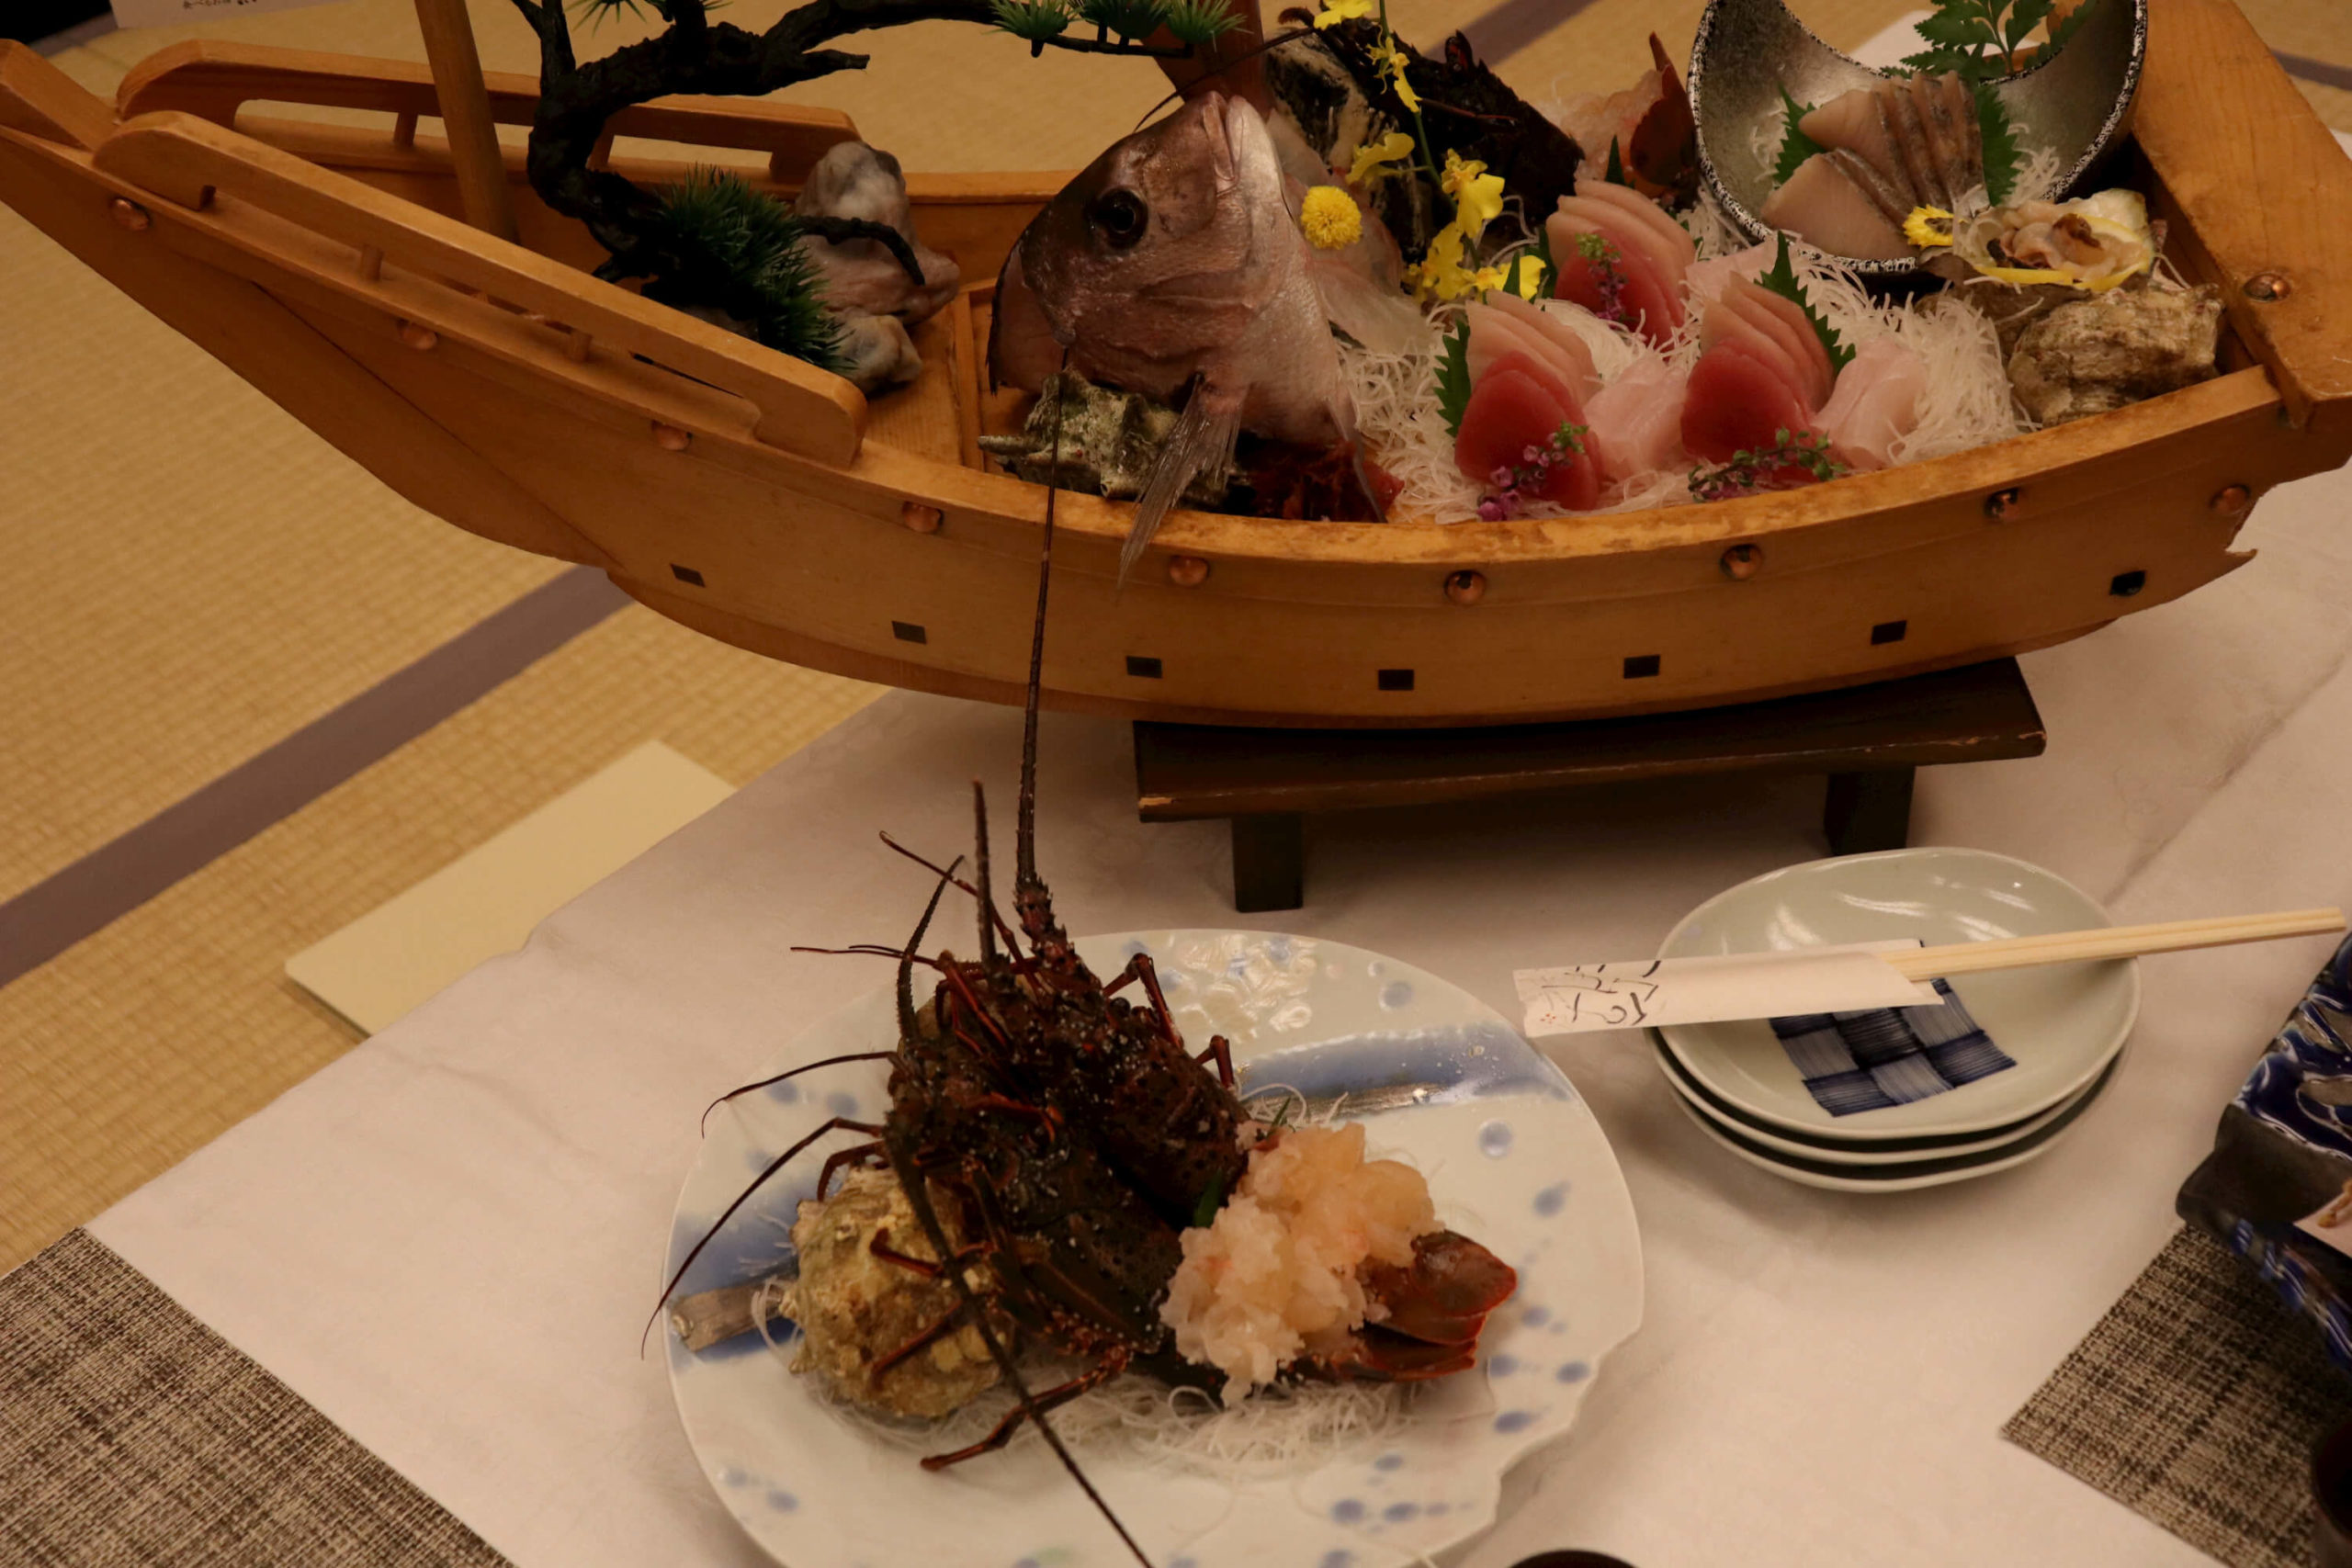 浜の湯の夕食の料理:お造り(舟盛り)と伊勢海老祭りの刺身